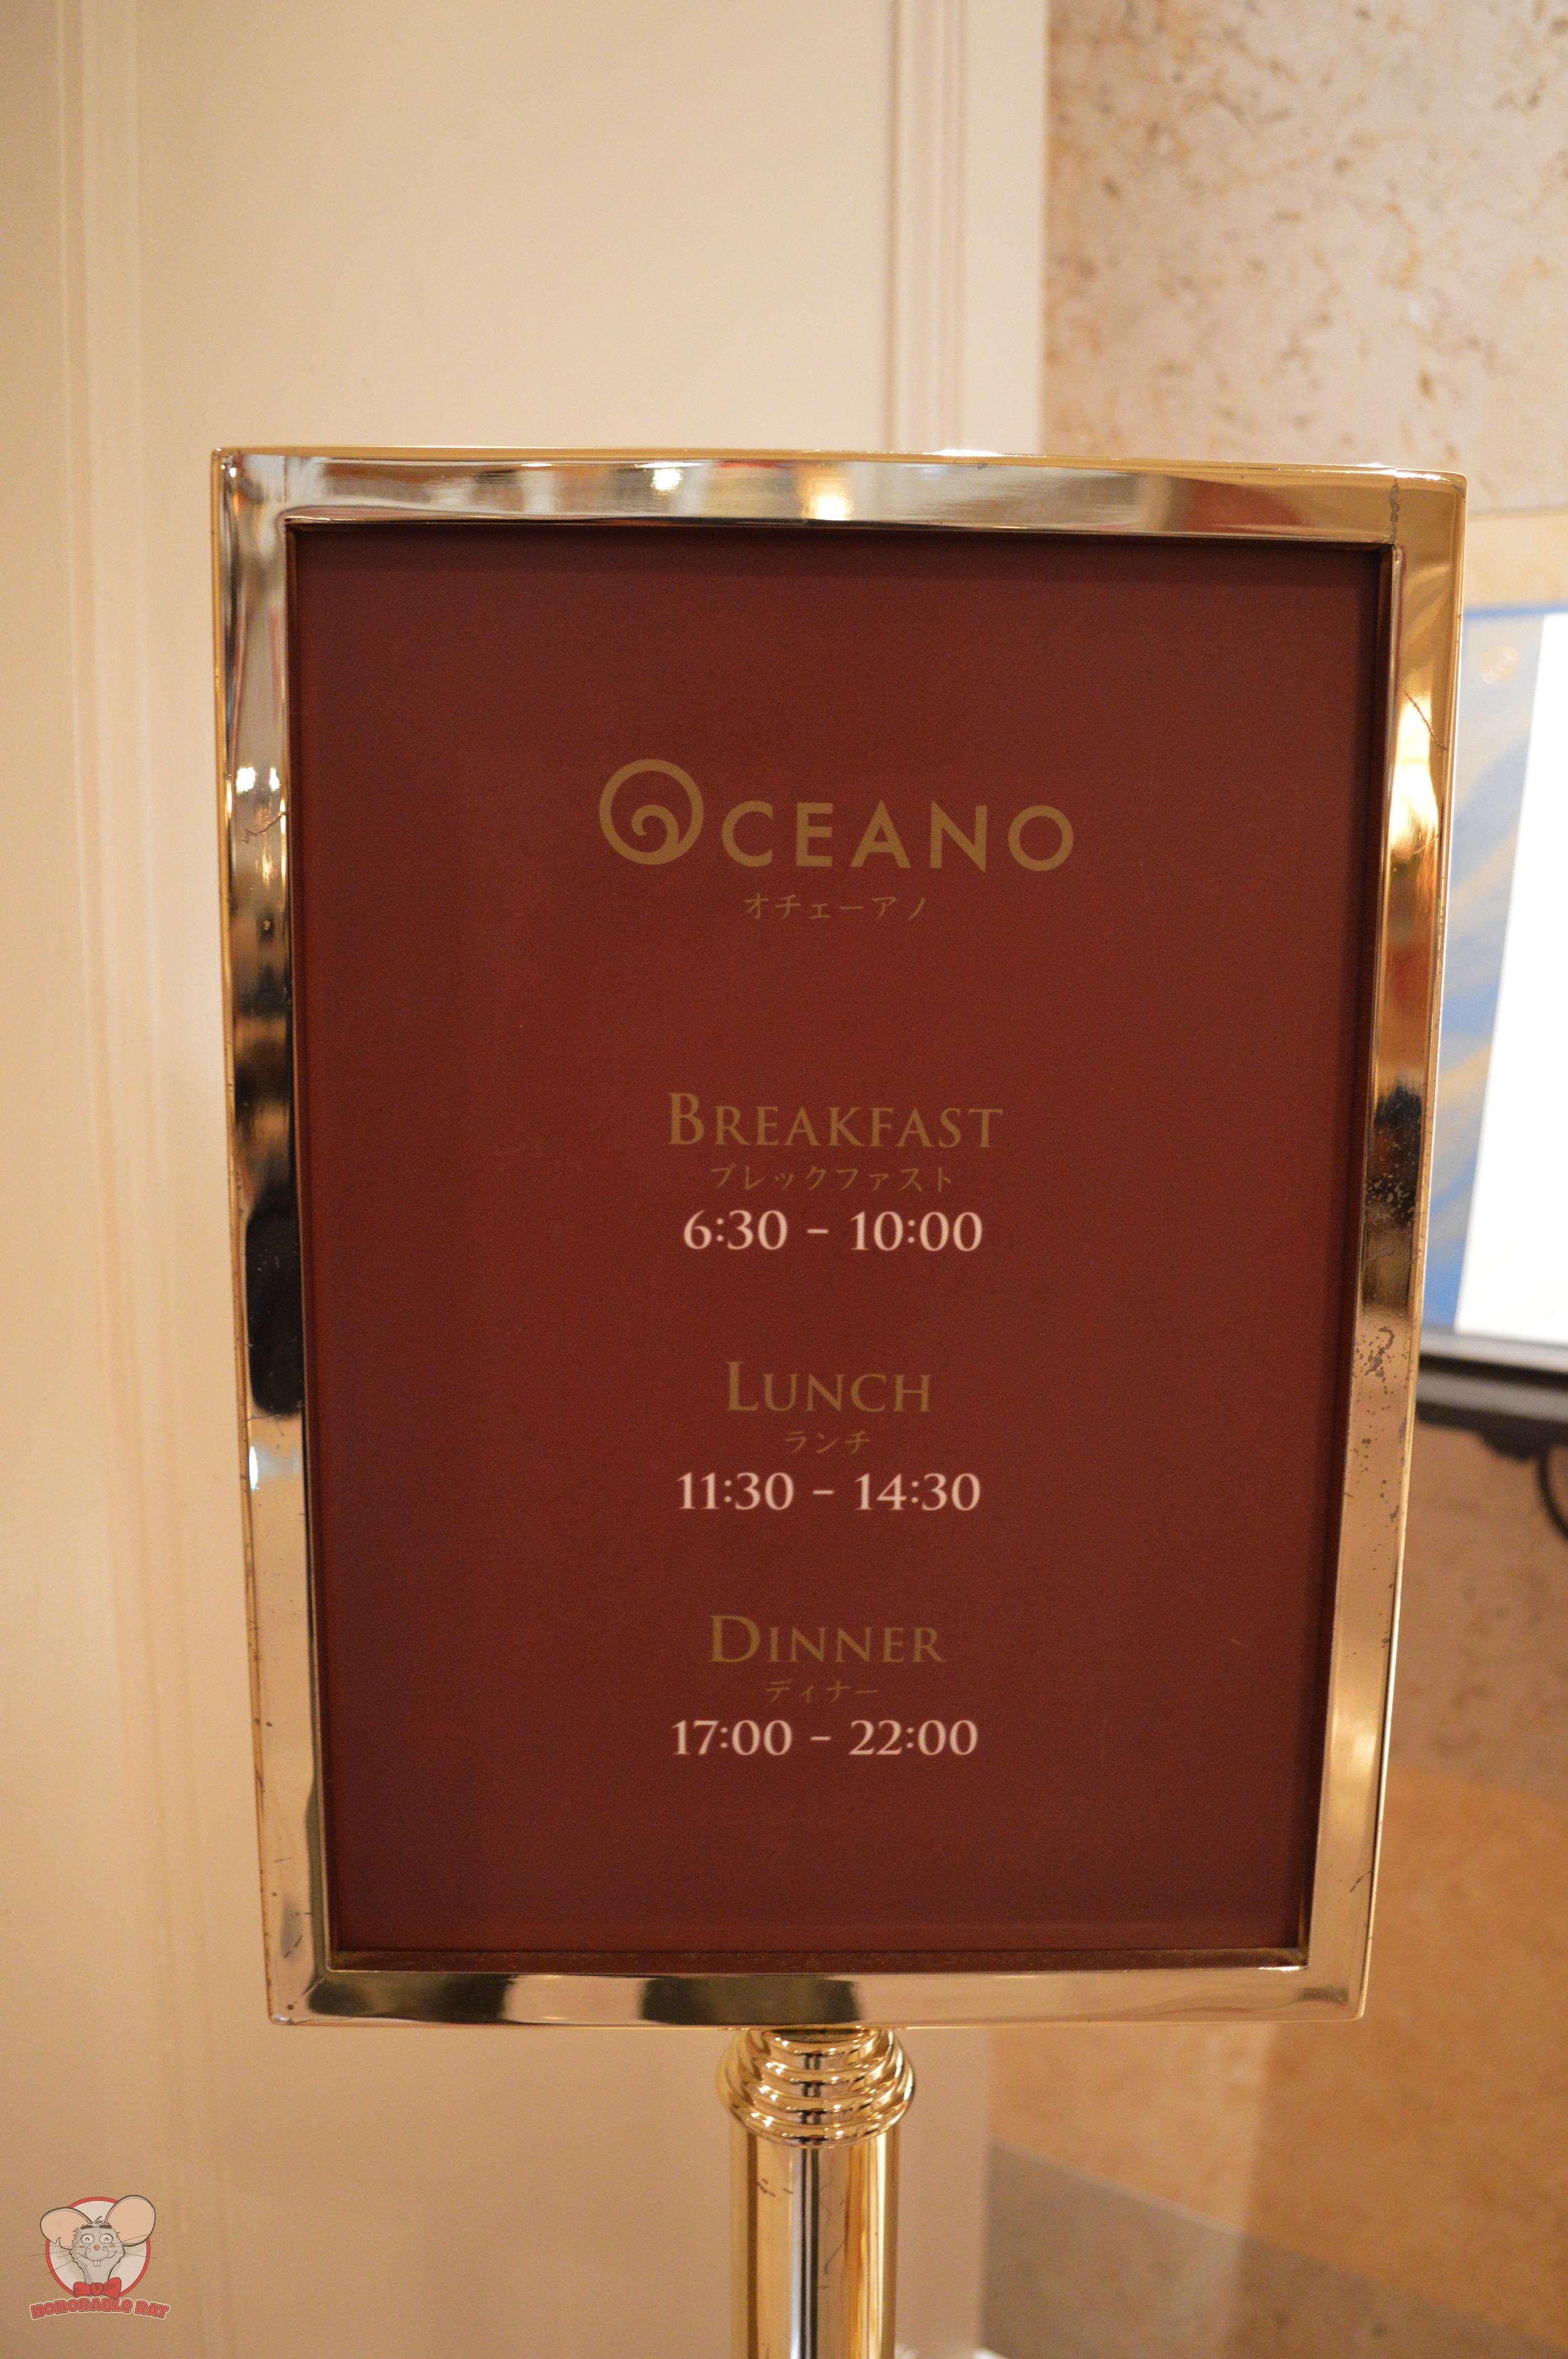 Oceano's Opening Hours